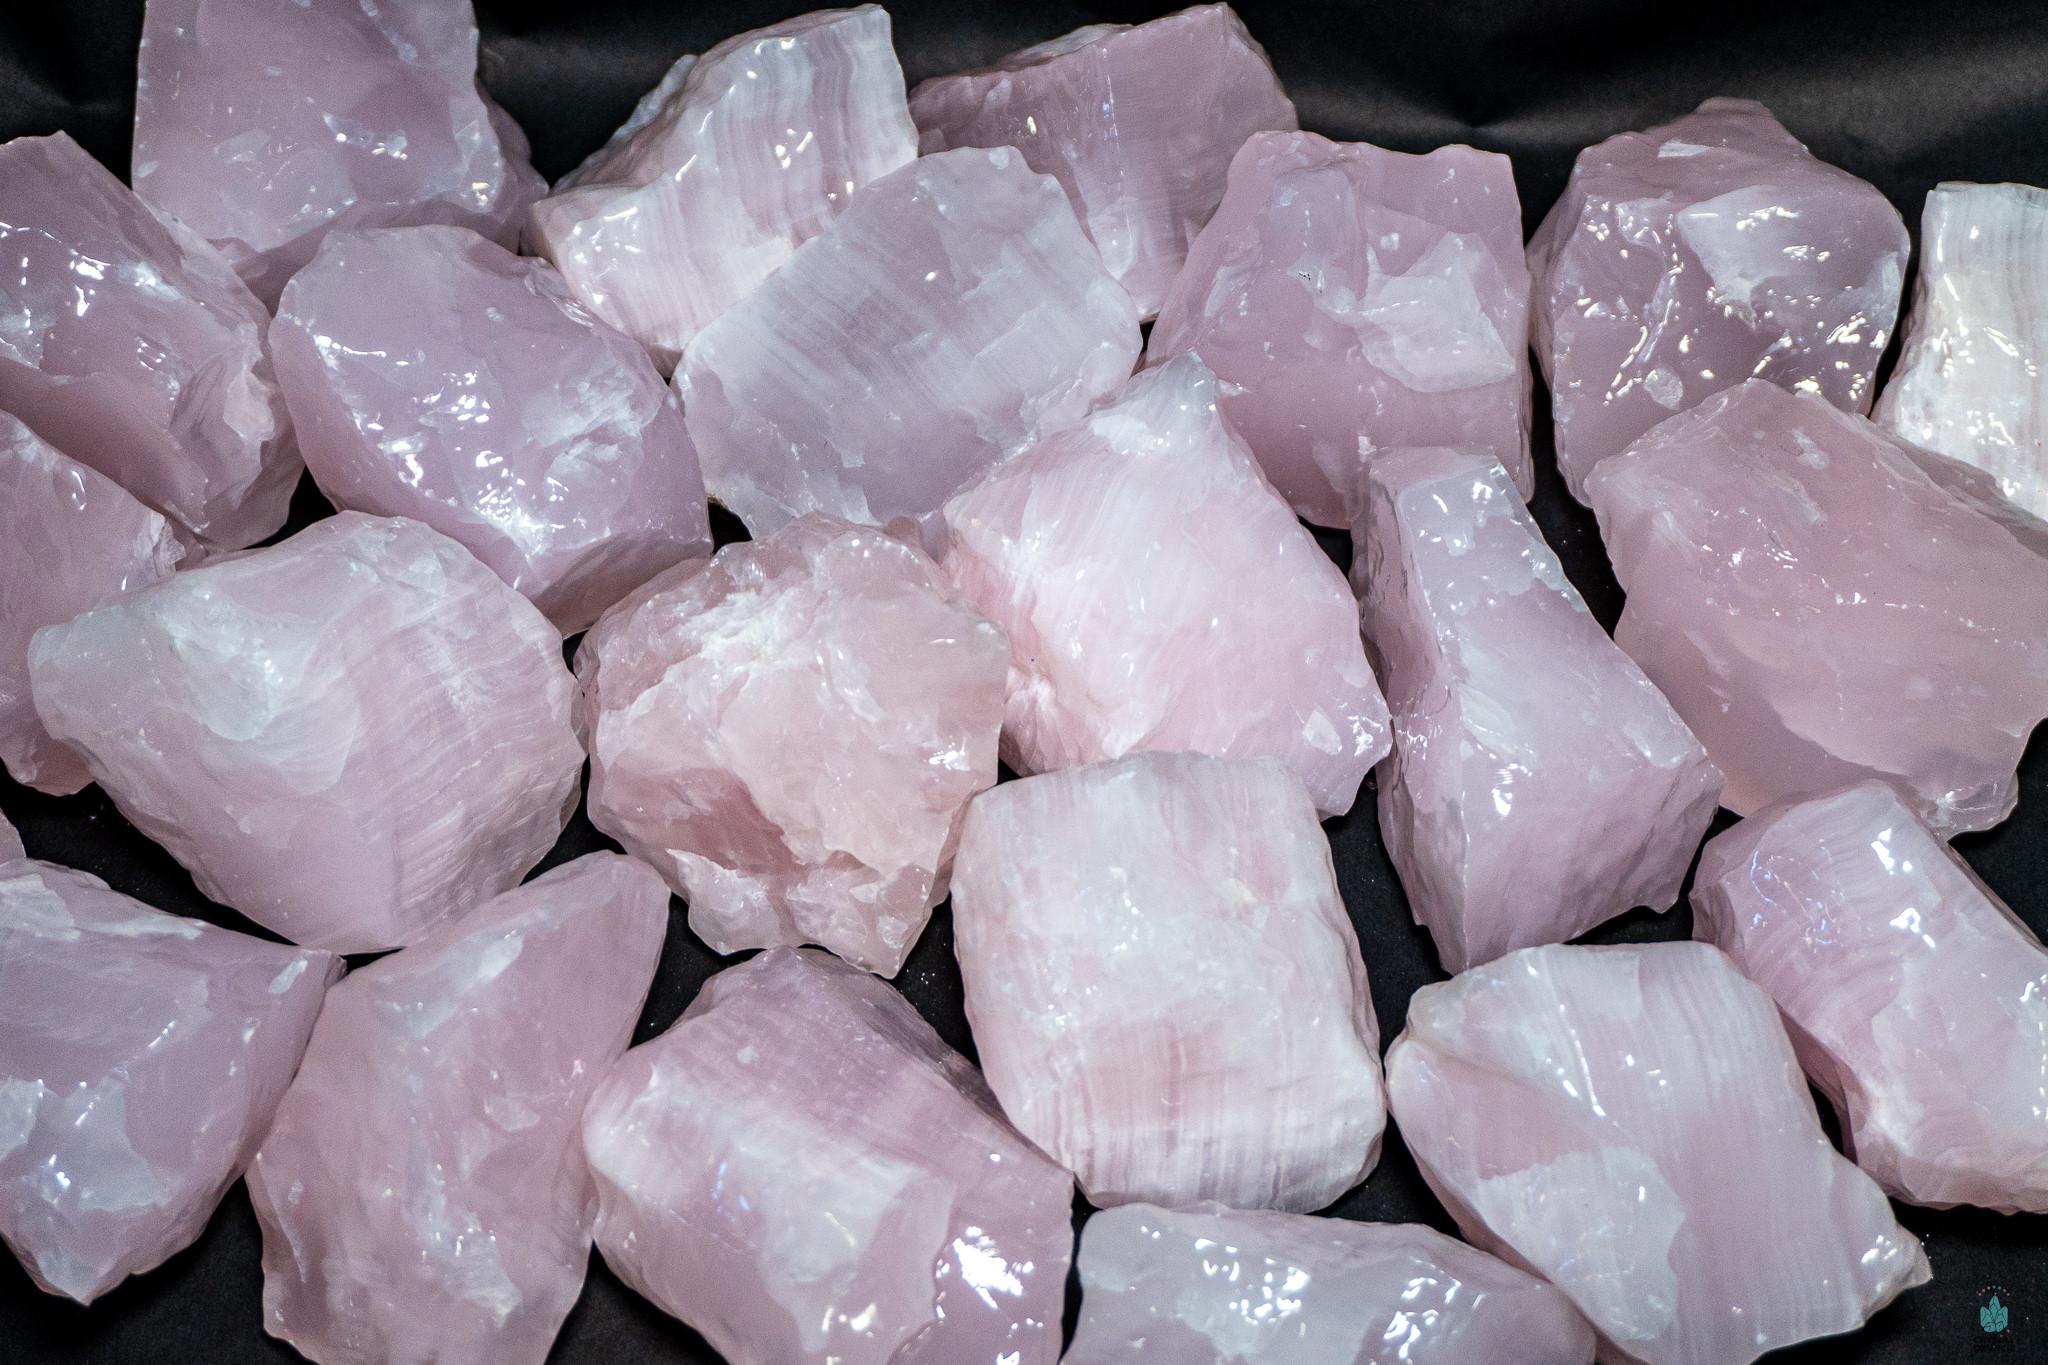 Beautiful Mangano Calcite Tumblestones Pink Calcite Loving Nurturing Crystals